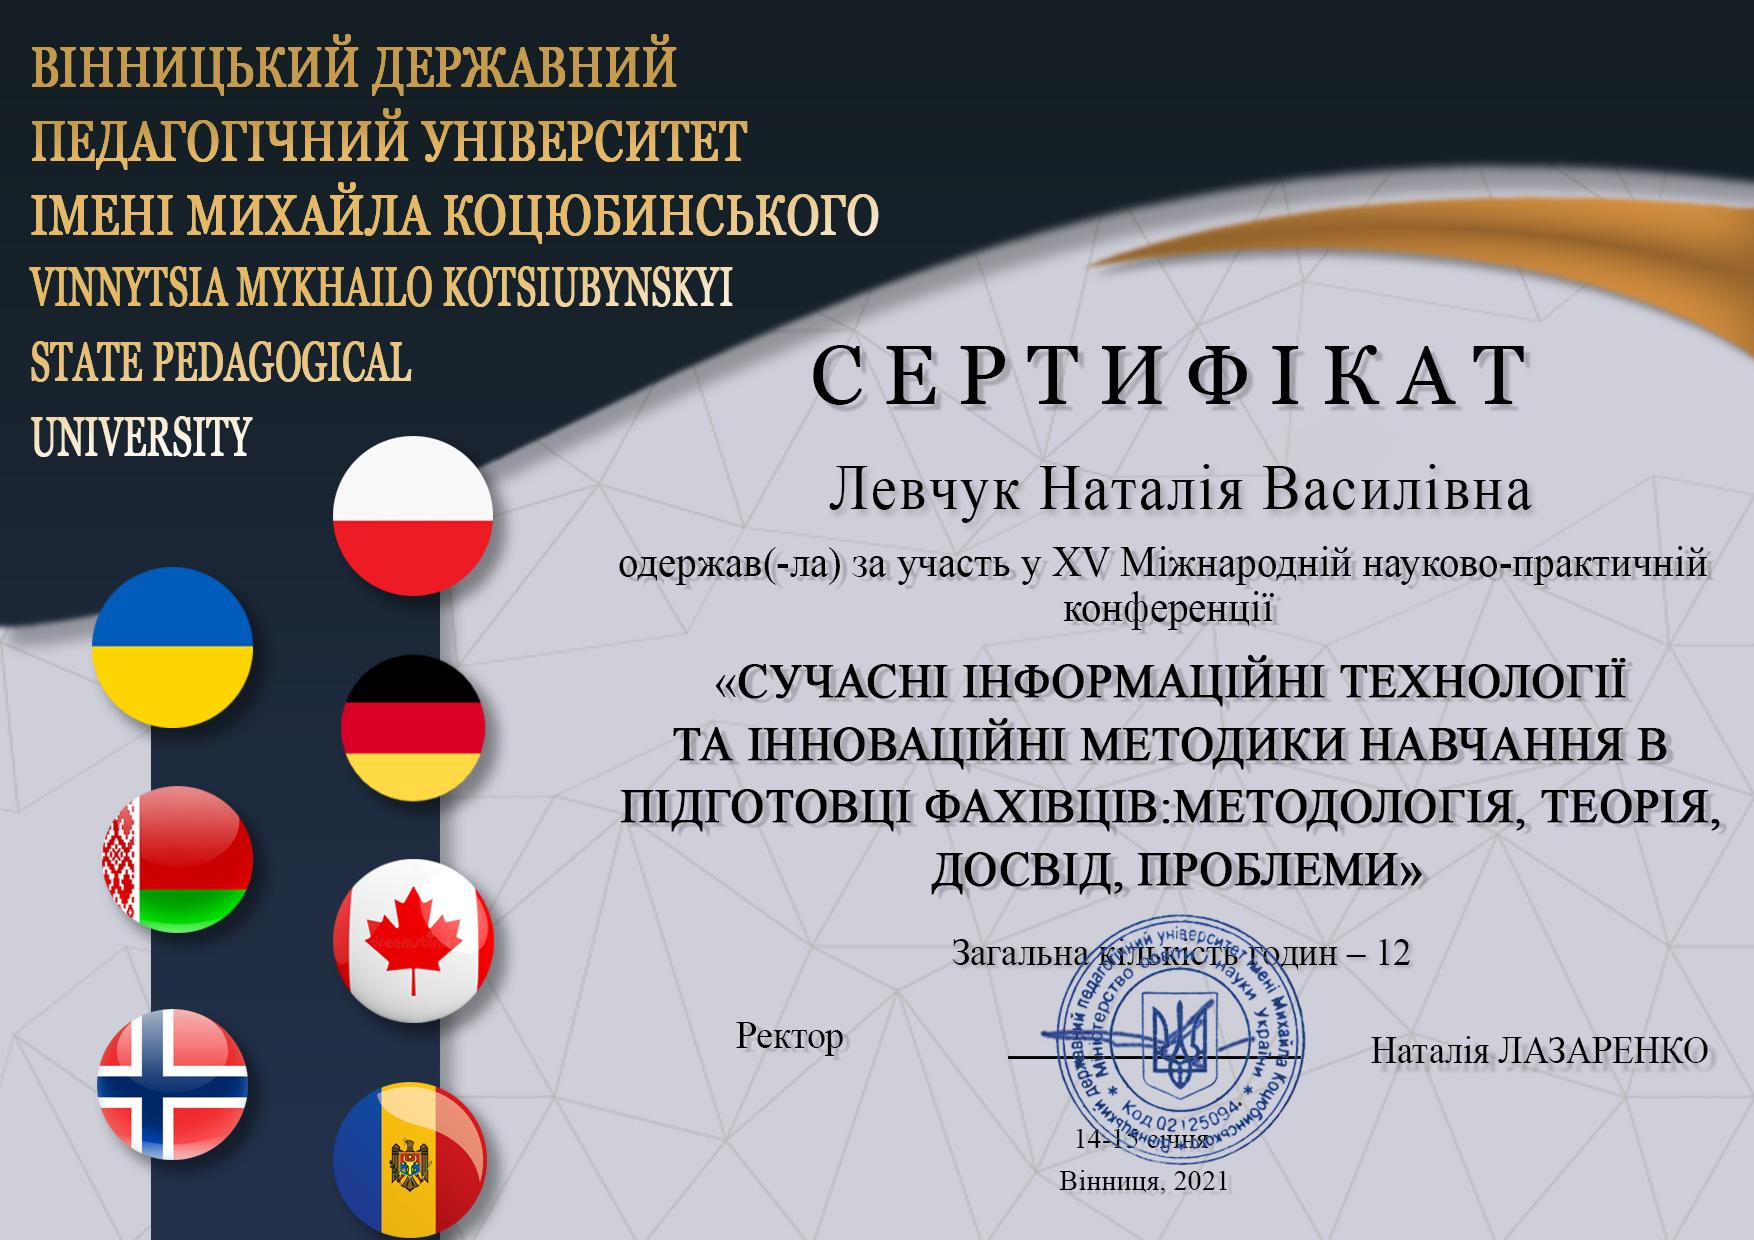 Левчук Наталія Василівна